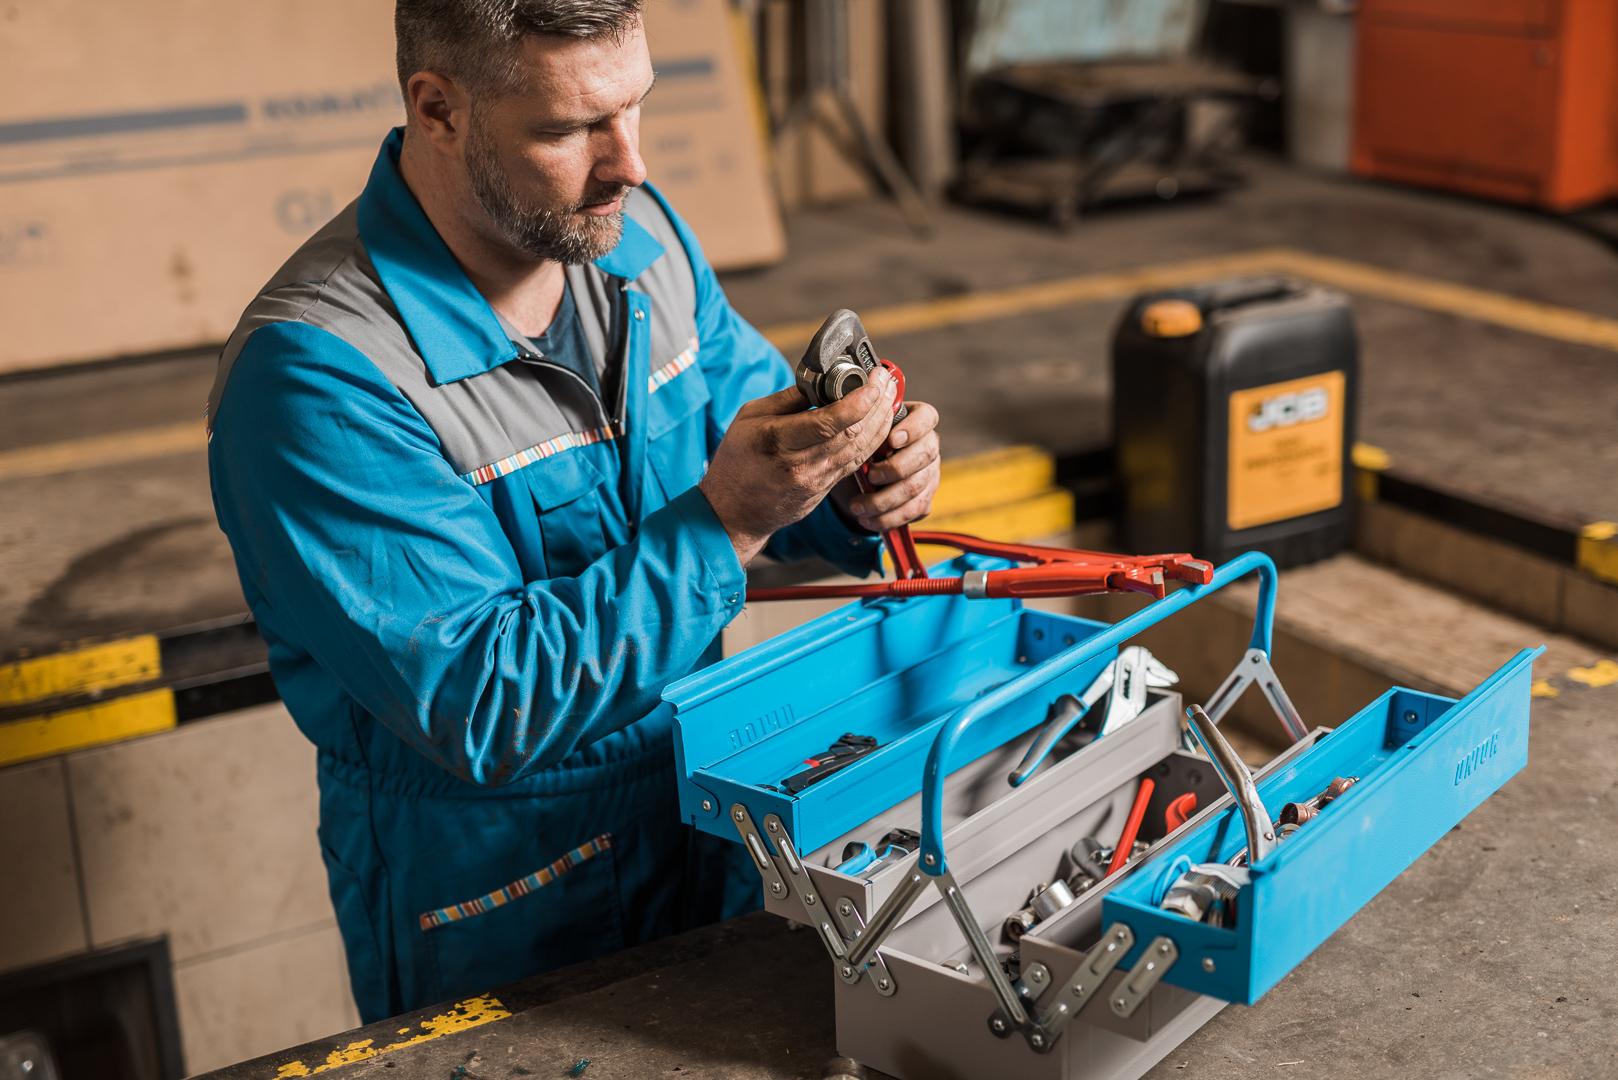 Akcija u julu - alati za obradu cevi za vodoinstalatere i kutije za alat